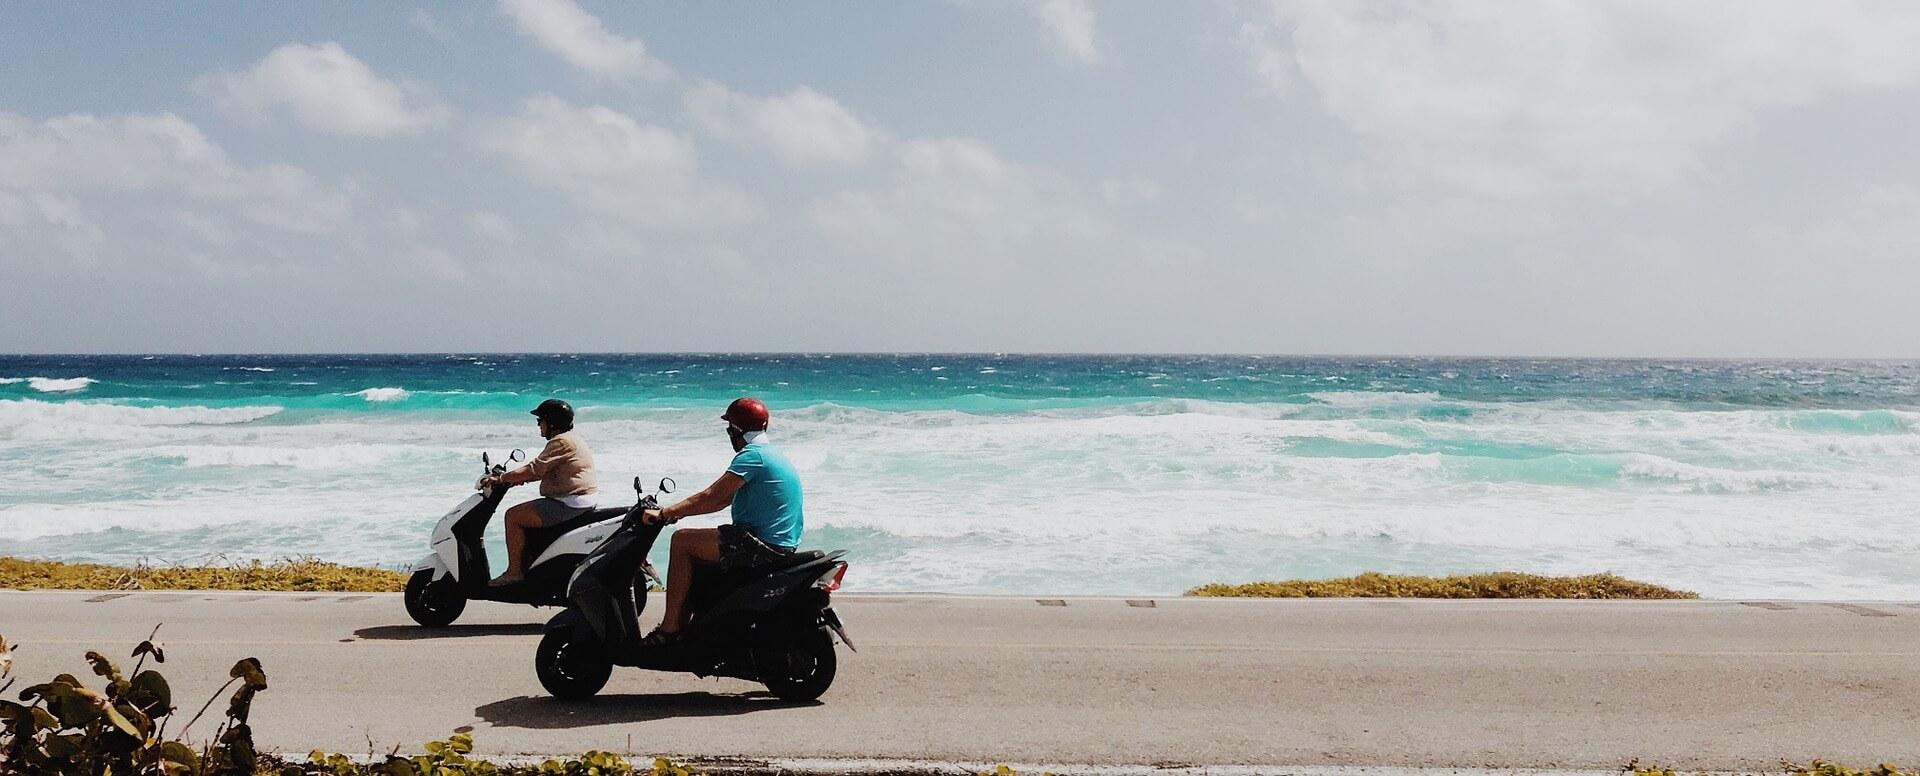 Visiter Ibiza en scooter - Ibiza